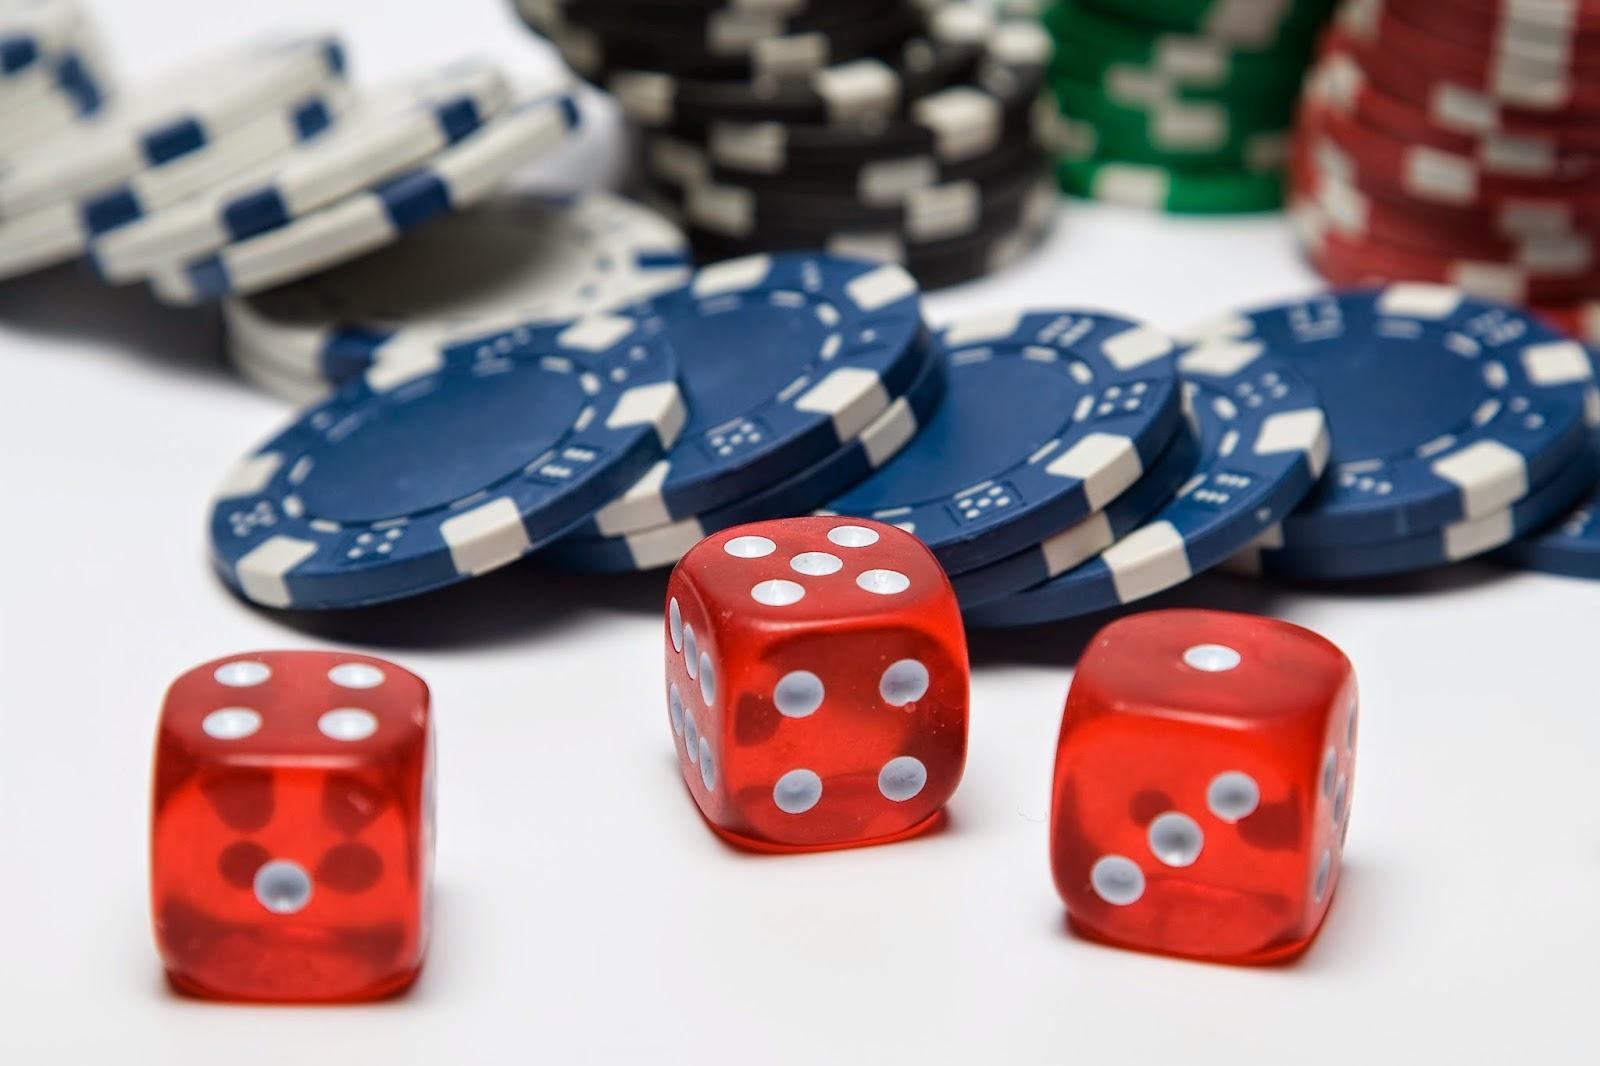 Як виграти в казино покер мобільний телефон з фільму Казино Рояль